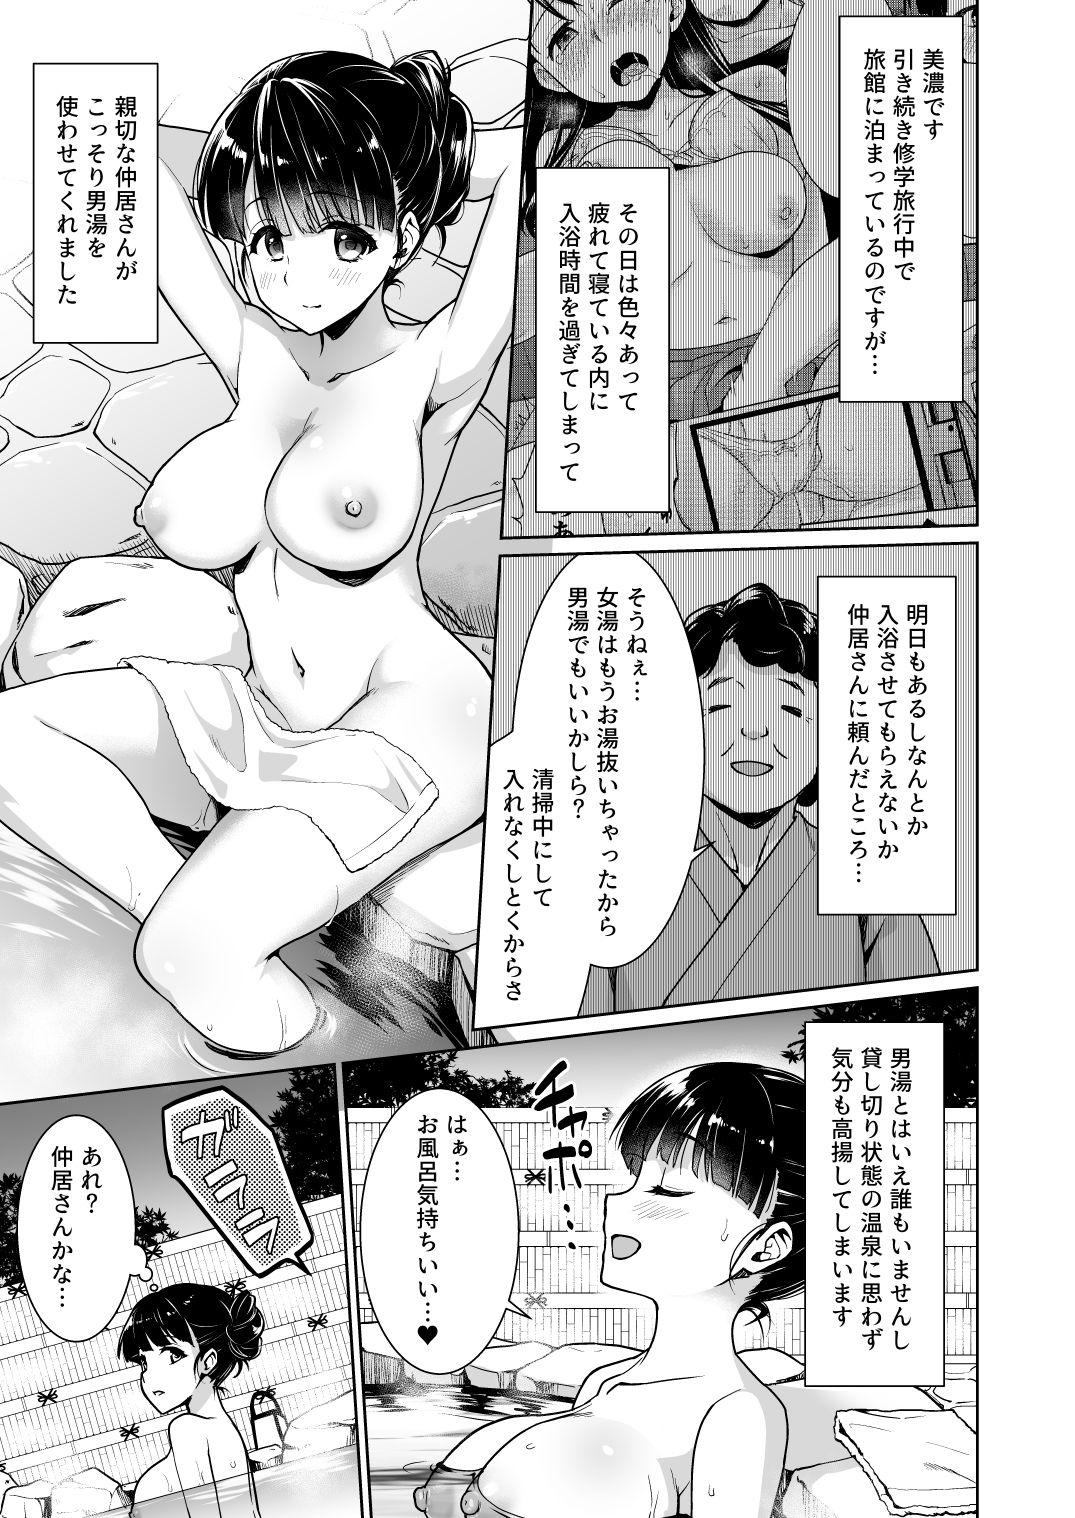 イヤだと言えない地味系少女と混浴温泉【作品ネタバレ】